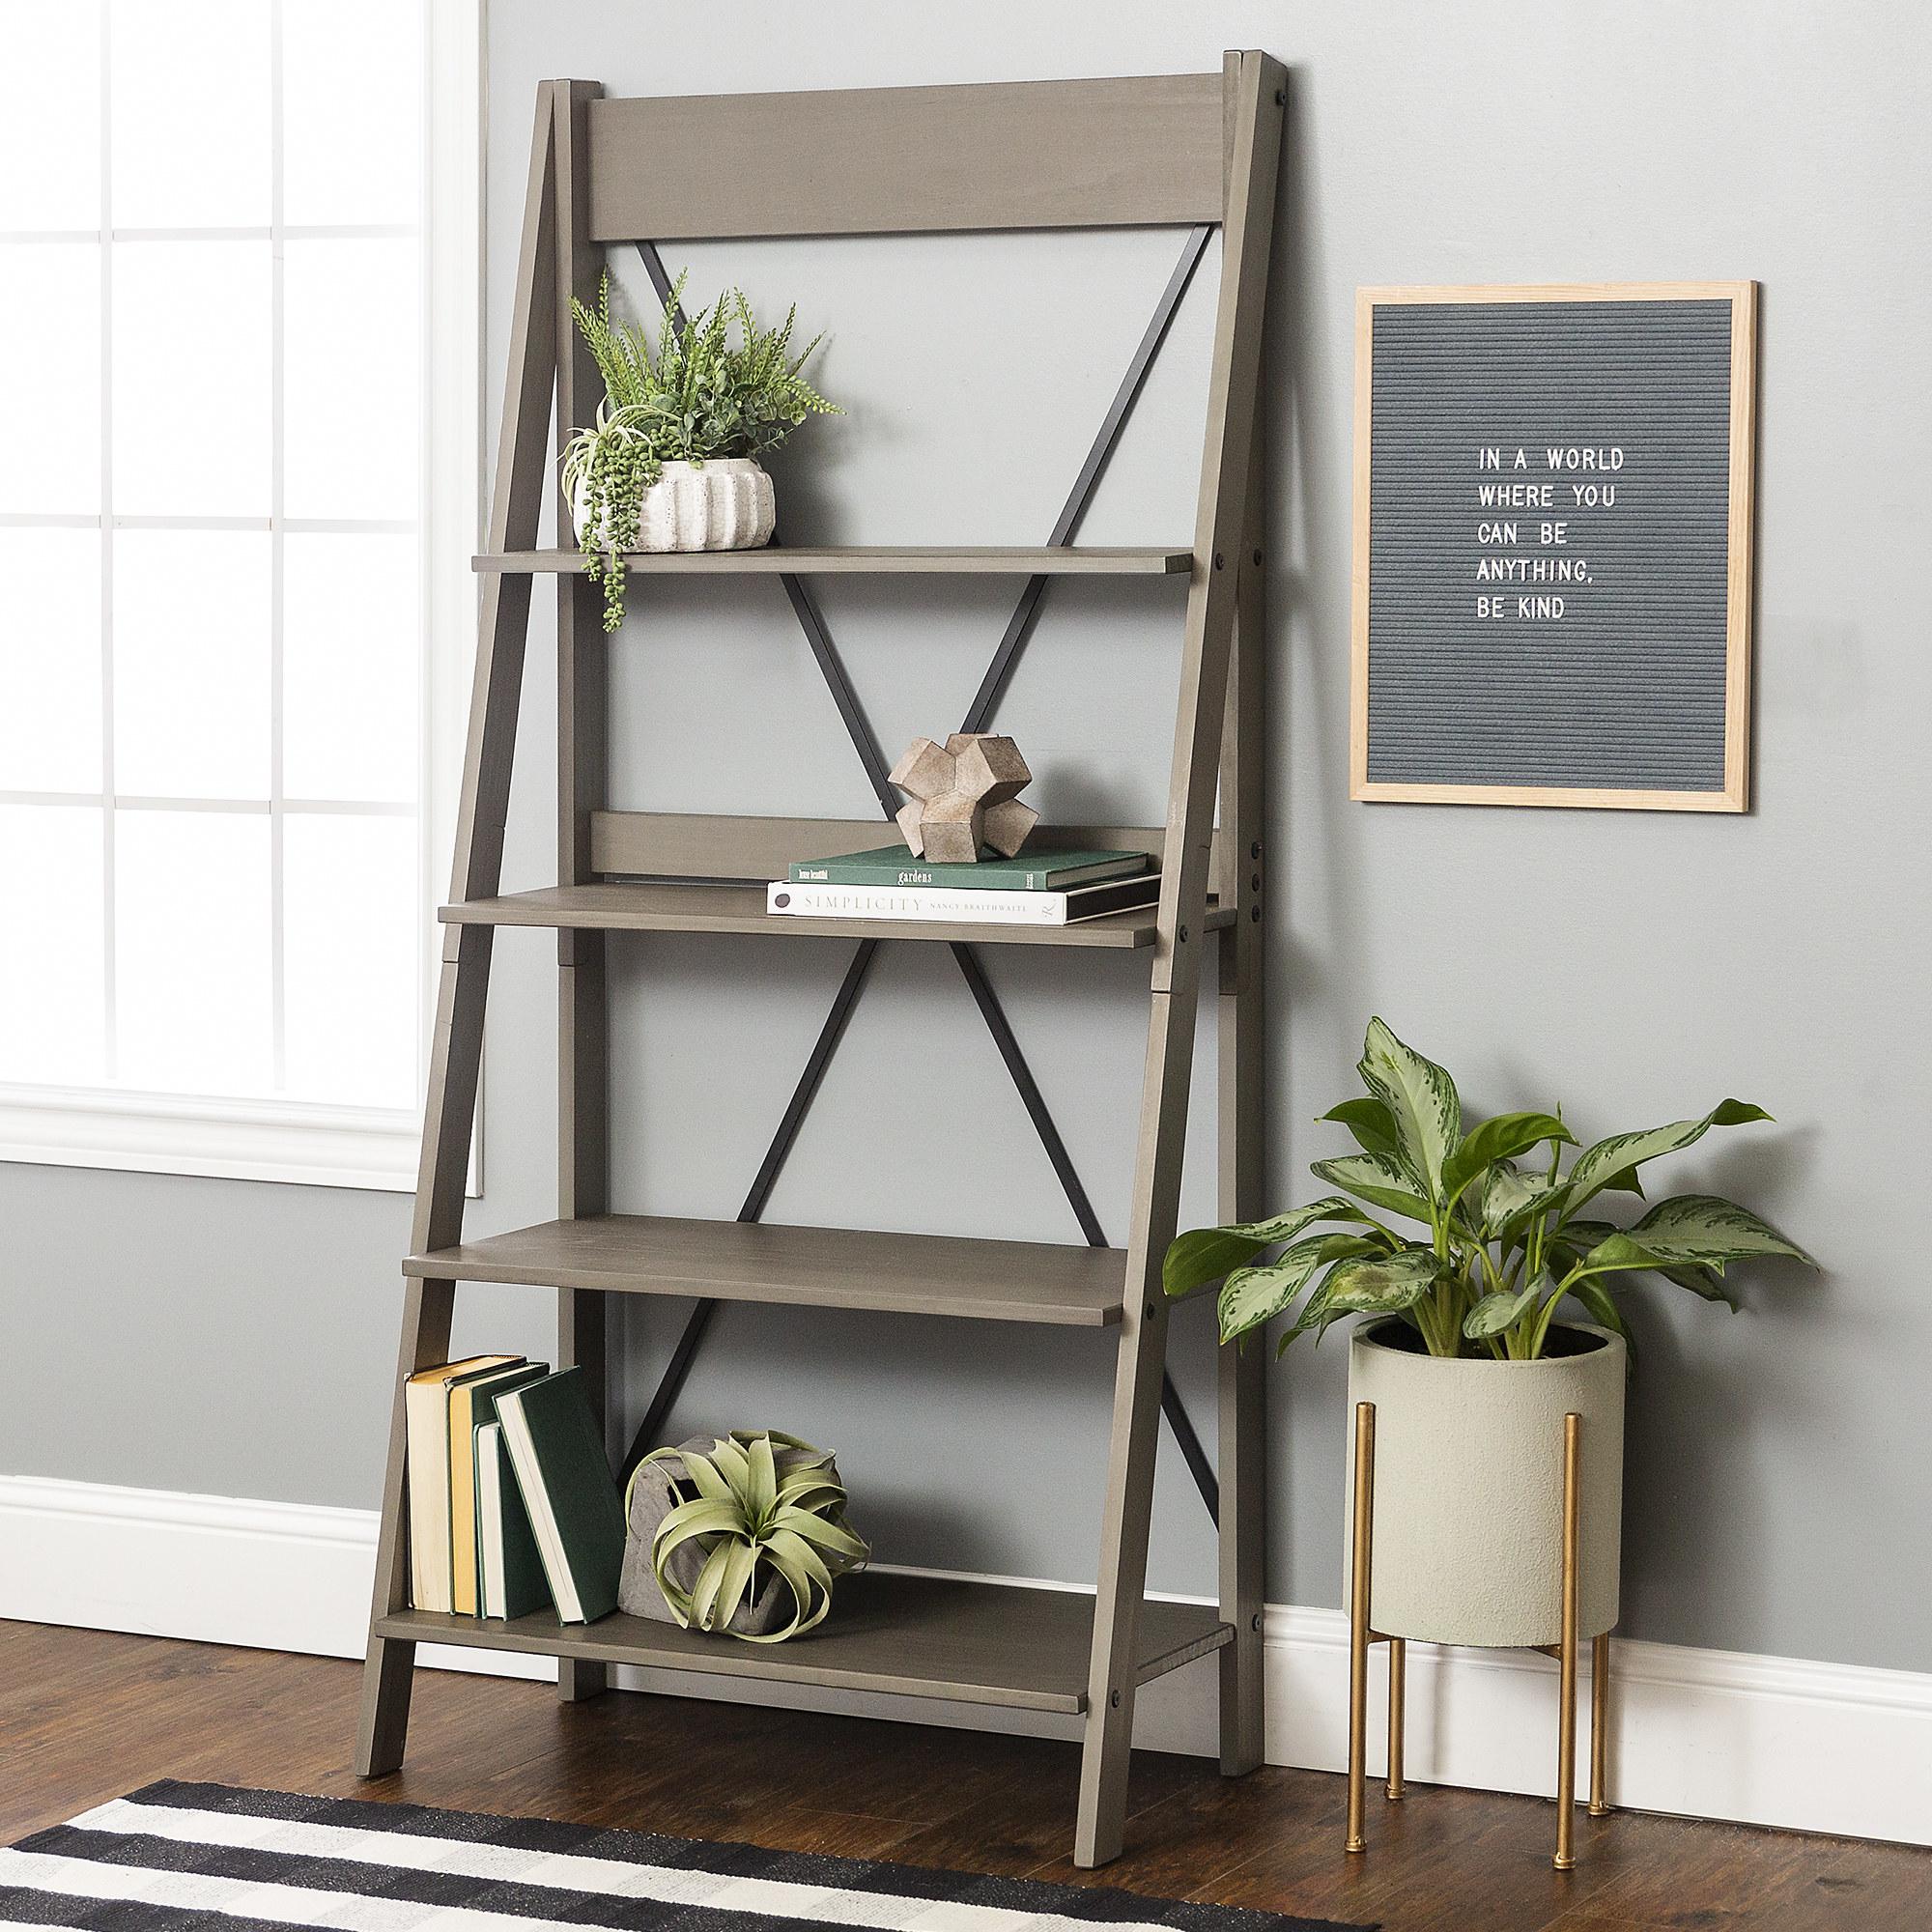 The grey four tiered bookshelf next to a window